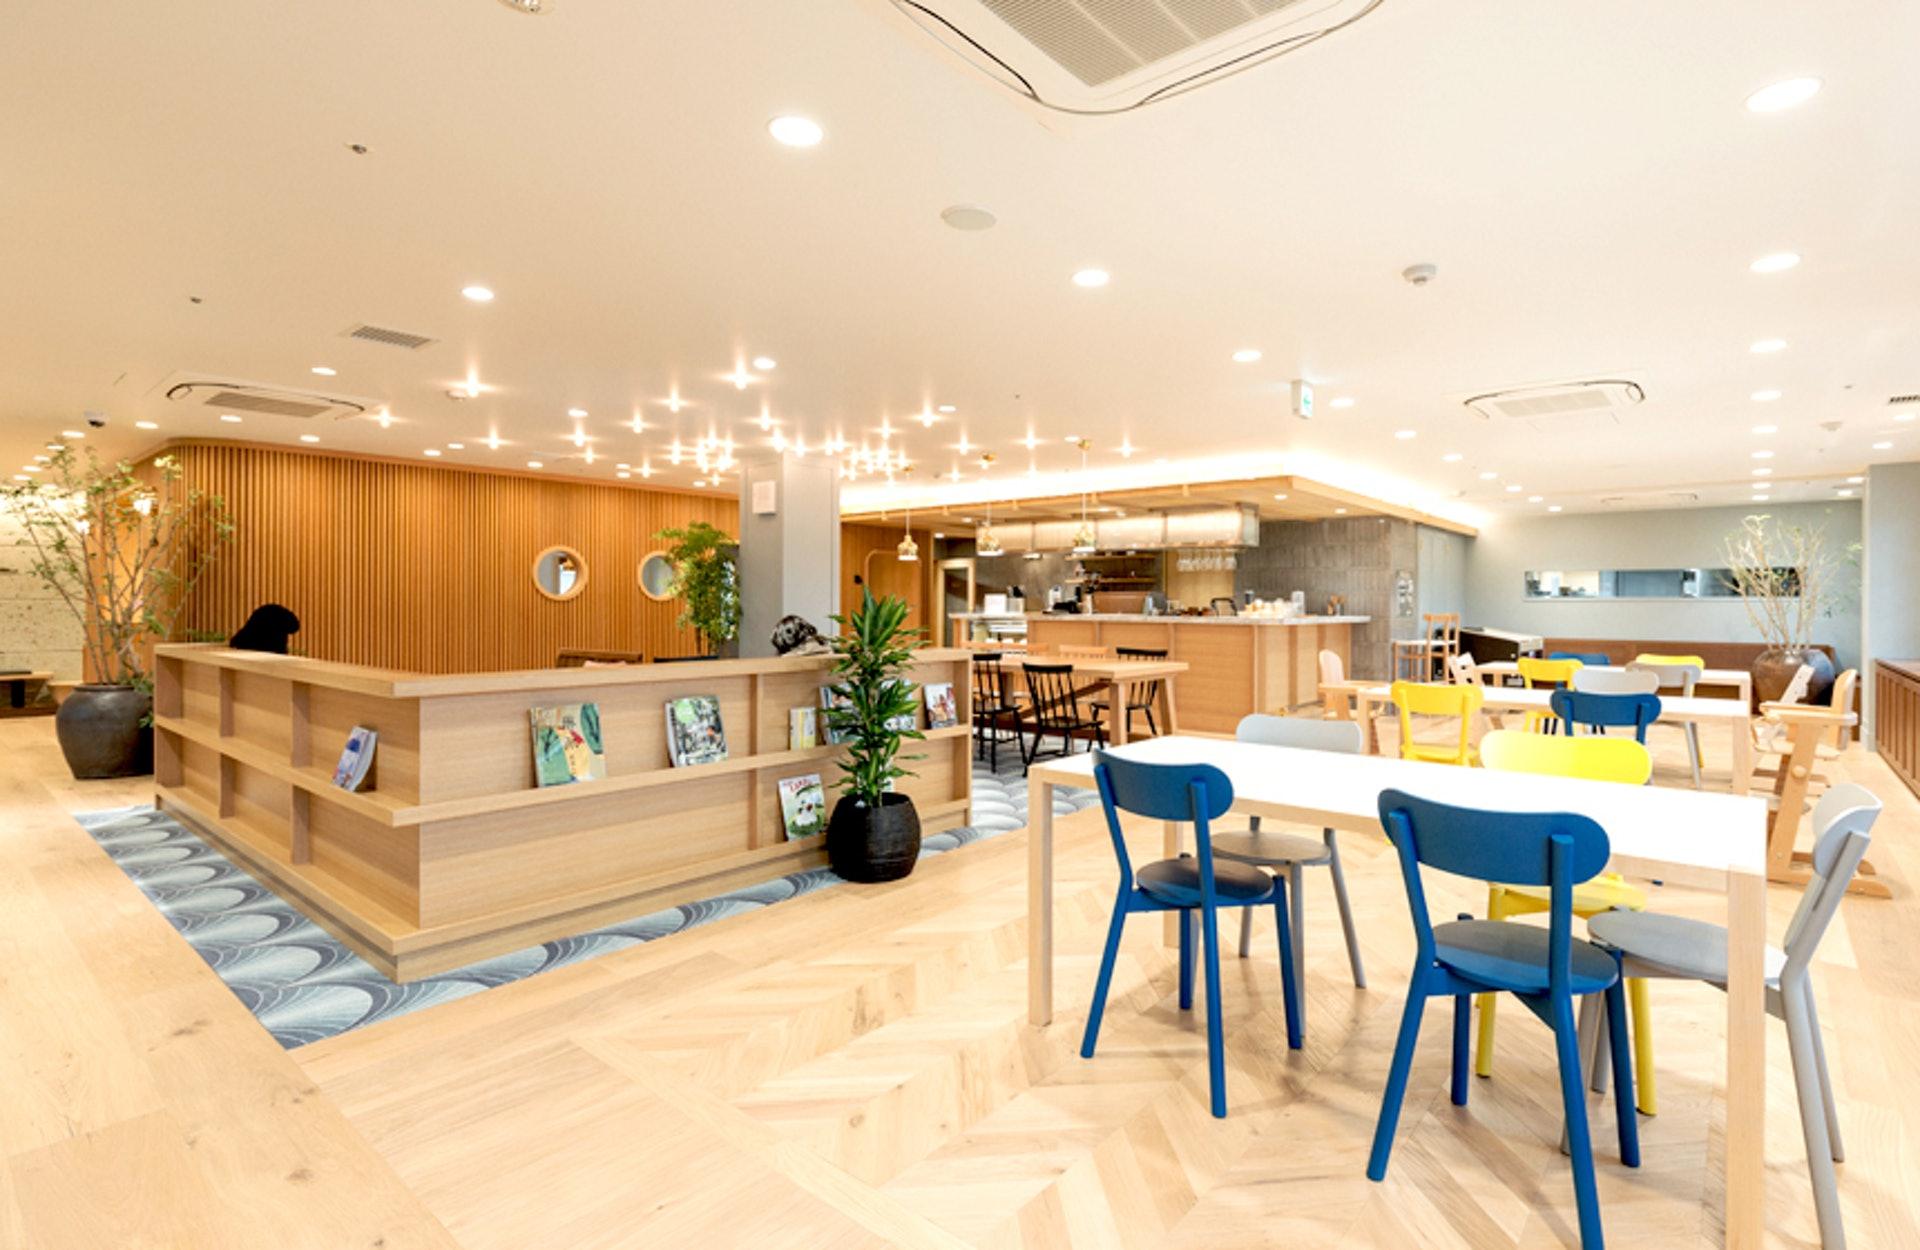 「グランドオーク百寿」地下的咖啡店—OAK CAFE,設計簡約溫暖。(圖片出處:グランドオーク百寿官方網站)